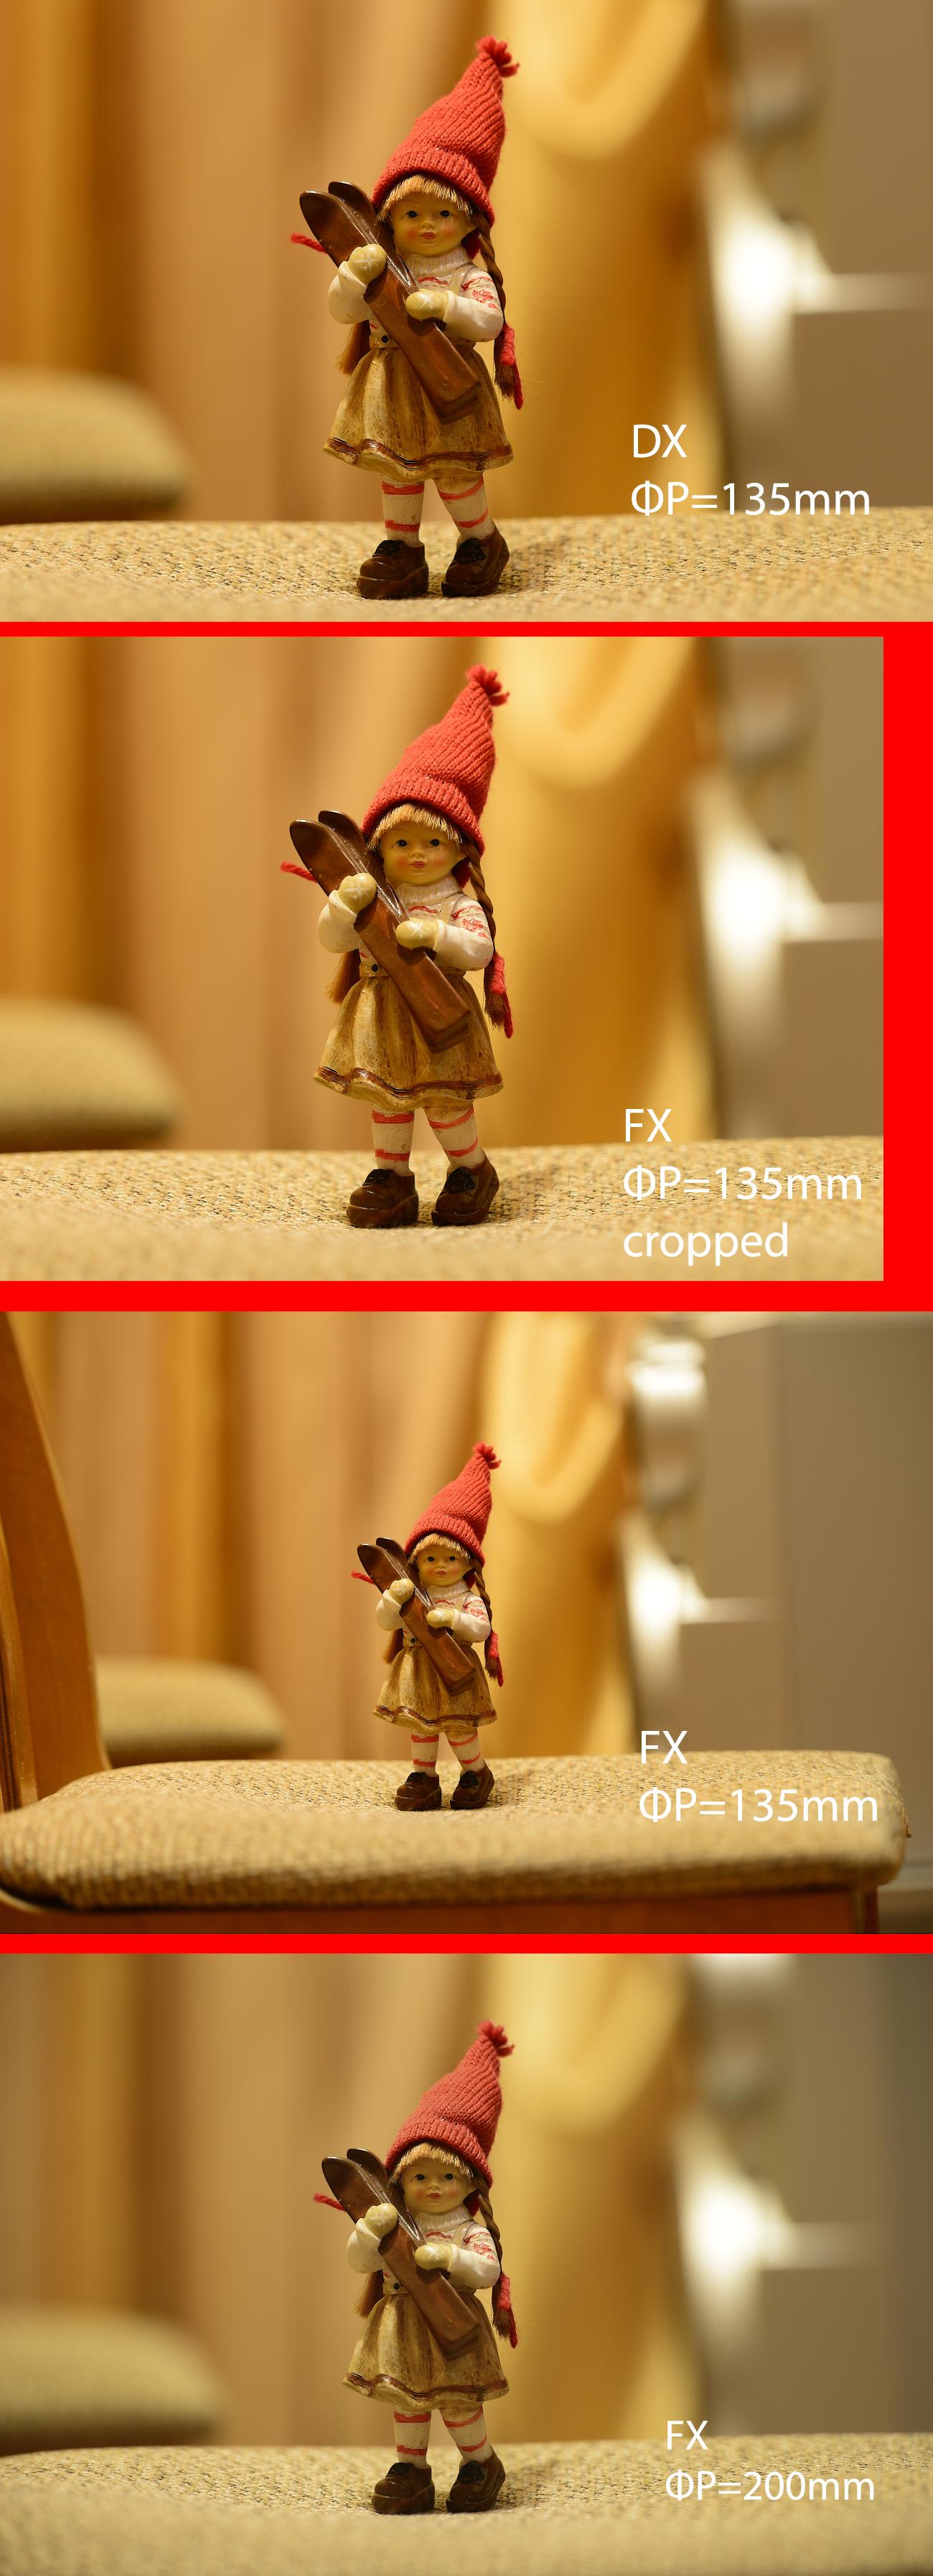 Сравнение картинки на полном кадре и кропе. Имитация изображения на Fujifilm XF 50-140 f/2.8